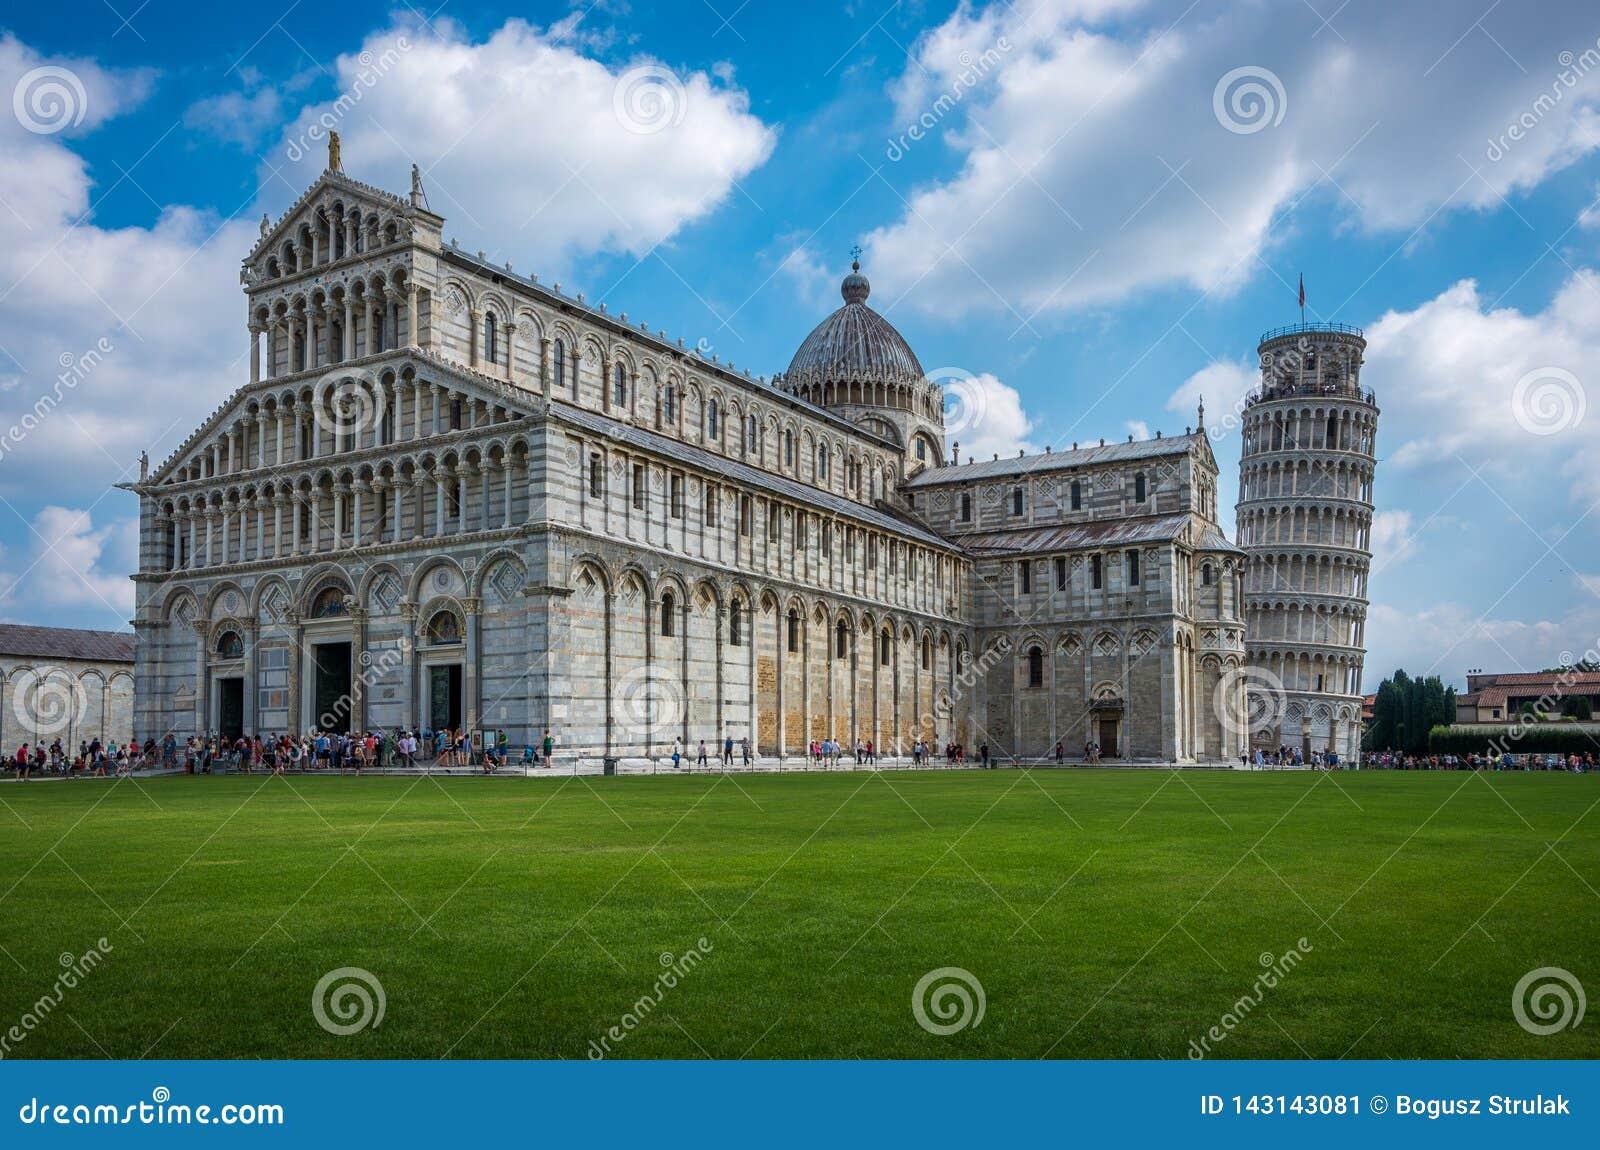 Ansicht der Pisa-Kathedrale Santa Maria Assunta auf dem Quadrat von Wundern in Pisa, Toskana, taly